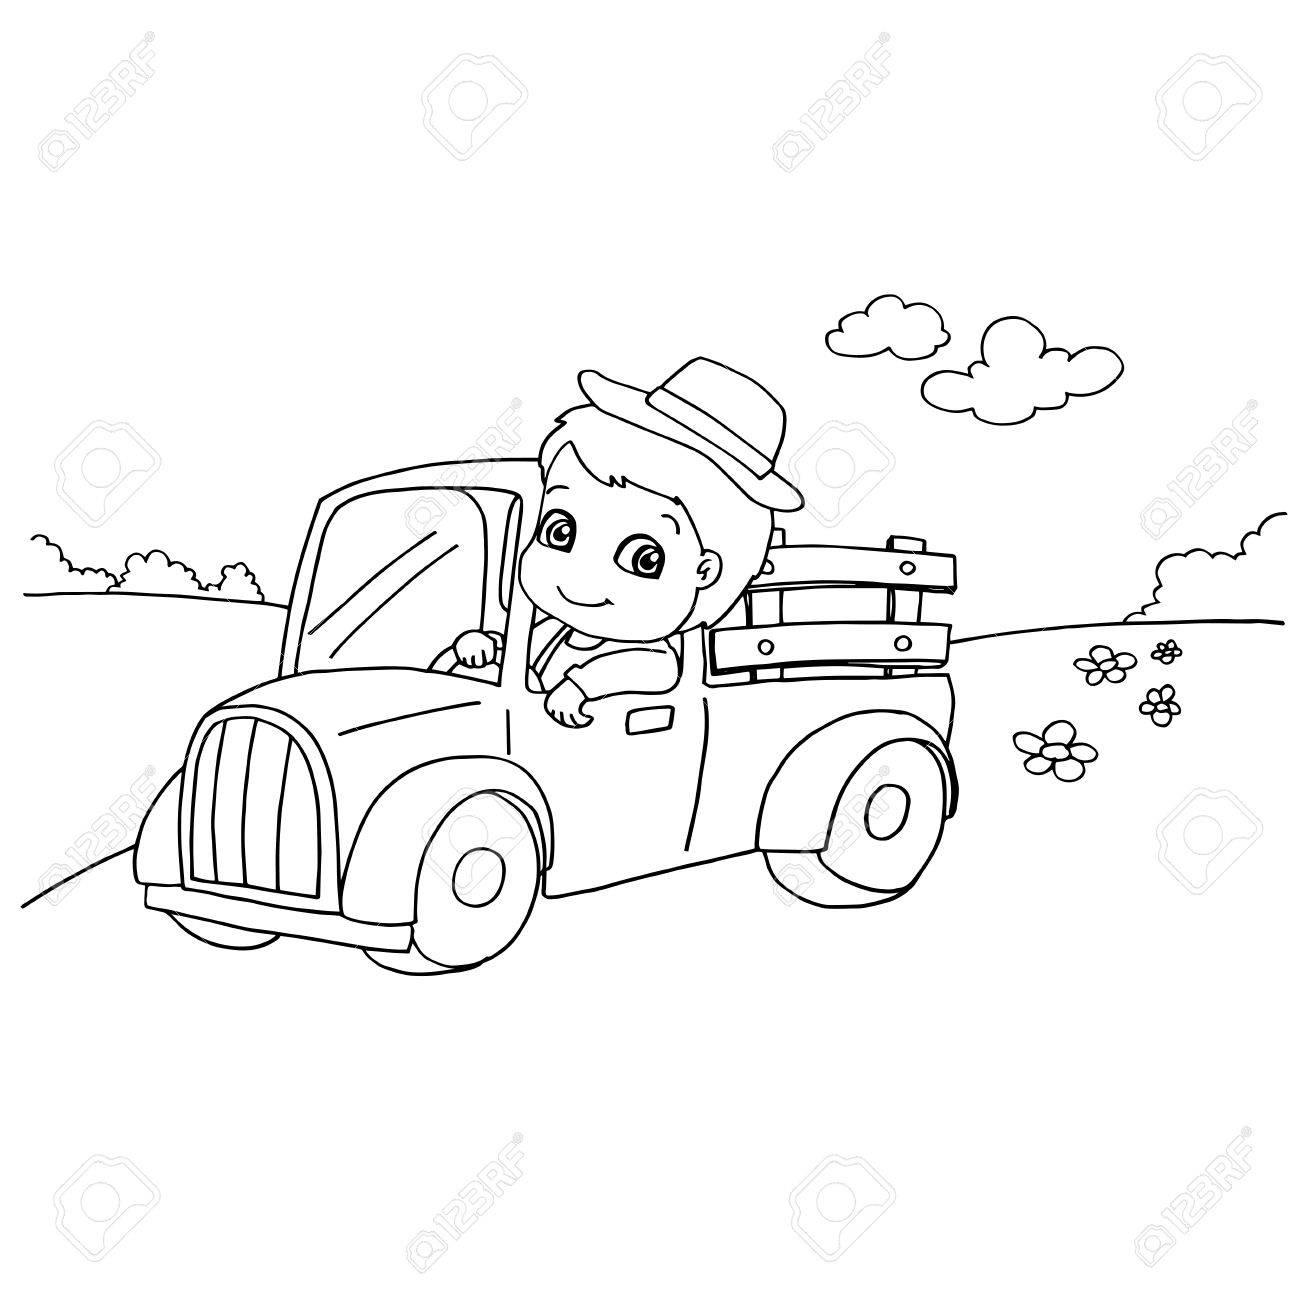 Imagen De Niño Pequeño Conduciendo Un Coche De Juguete Para Colorear ...